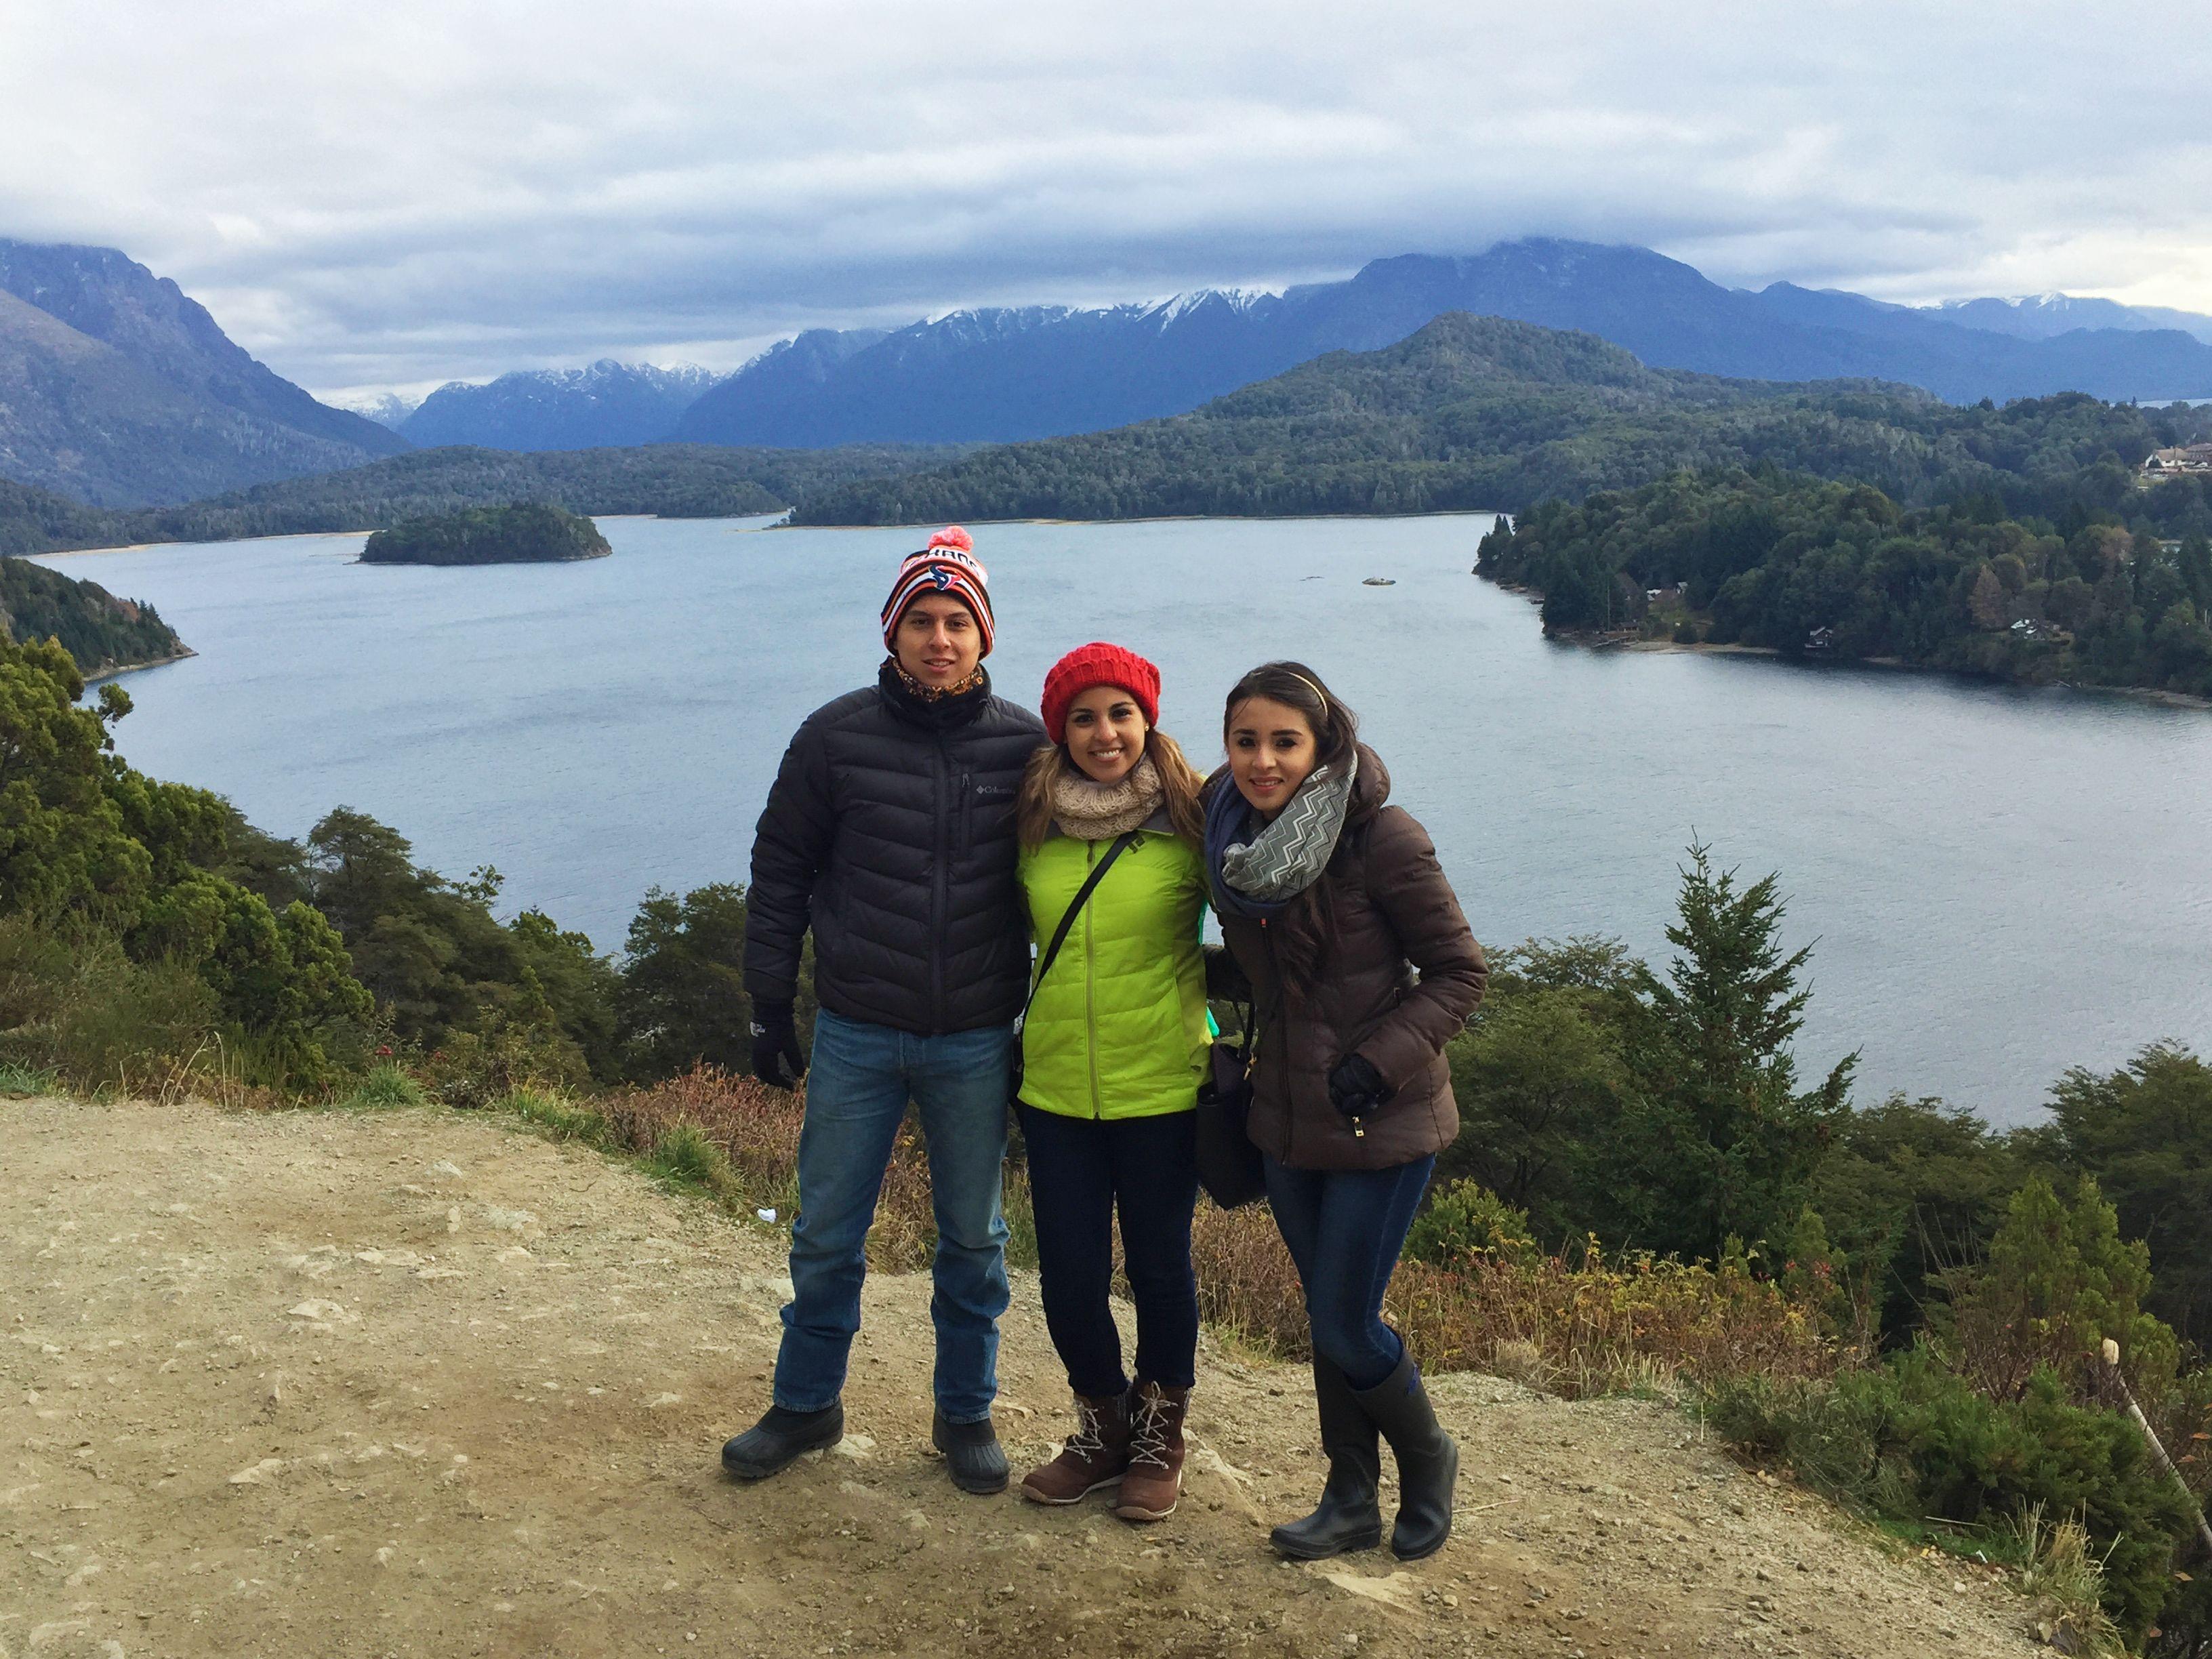 Gracias Rosa, Bernardo y Miren por elegir #AcrossArgentina para su #viaje por los #lagos y #montañas de #Bariloche! #ViajamosJuntos #WeTravelTogether